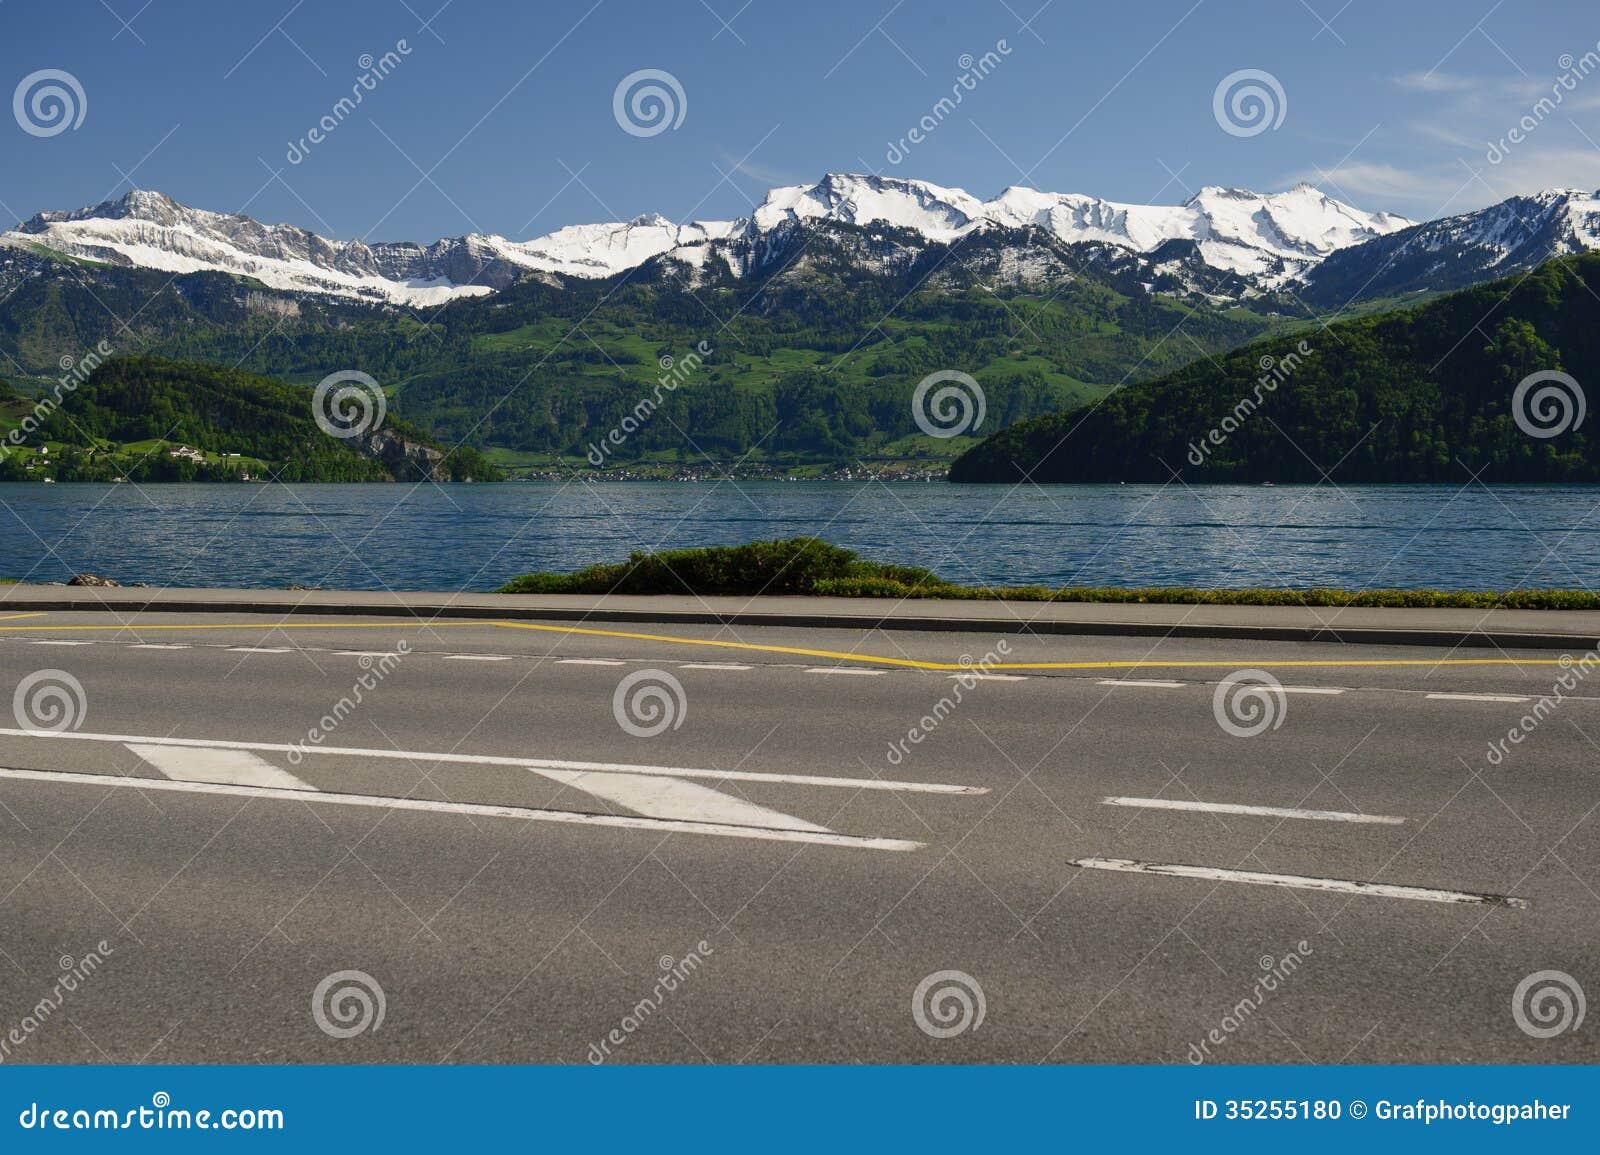 Luzerner See und Straße